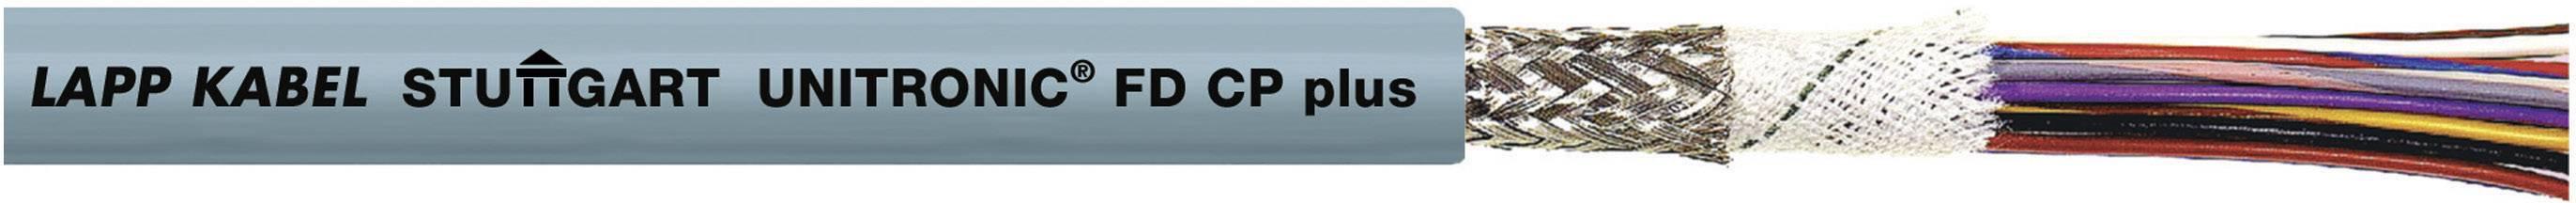 Datový kabel LappKabel UNITRONIC FD CP PLUS 10X0,34 (0028903), 10x 0,34 mm², Ø 9,1 mm, stíněný, 100 m, šedá